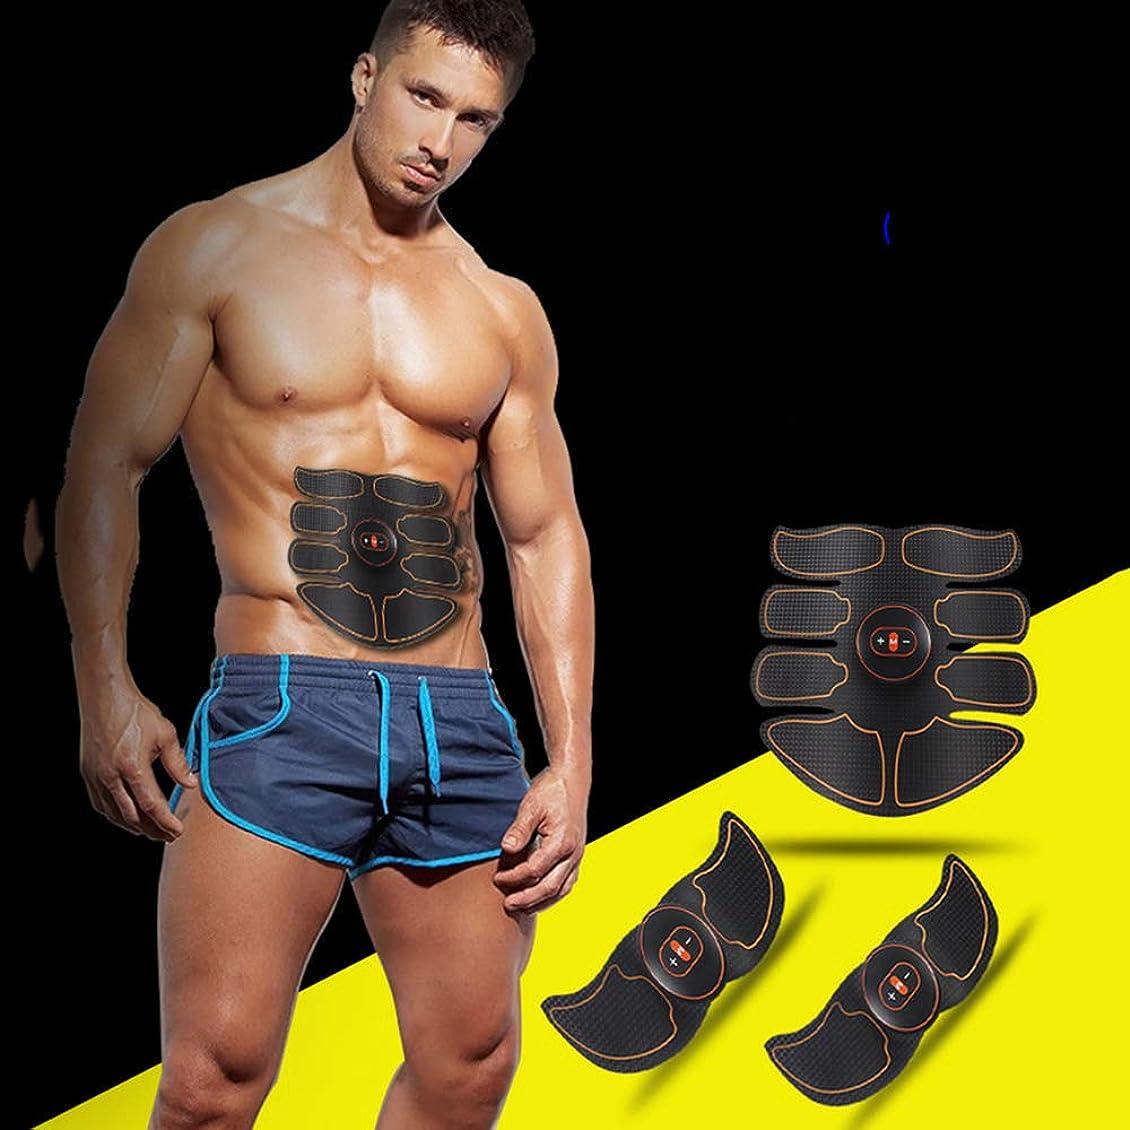 医学欠乏ミュートUSB電気腹筋トレーニング装置EMS筋刺激器腹筋ウエスト減量マッサージャースポーツフィットネス機器ユニセックス,Yellow